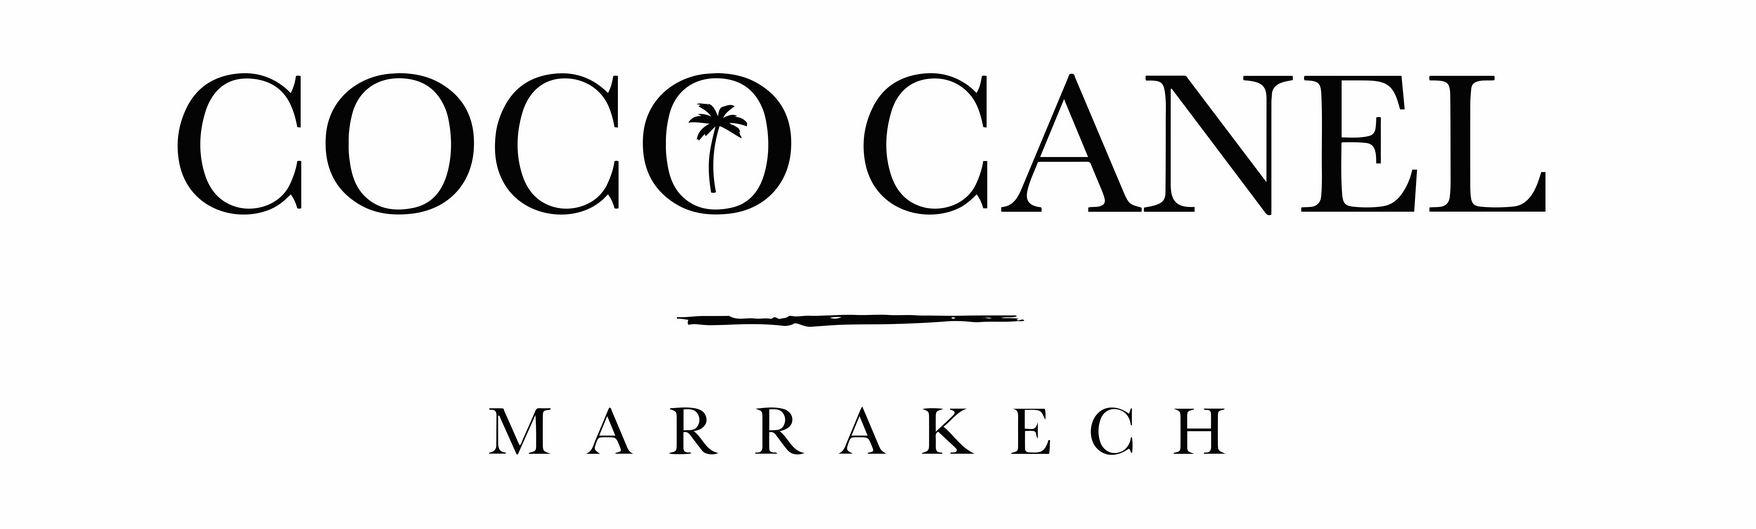 Coco Canel Marrakech | Maison d'hôtes avec piscine chauffée